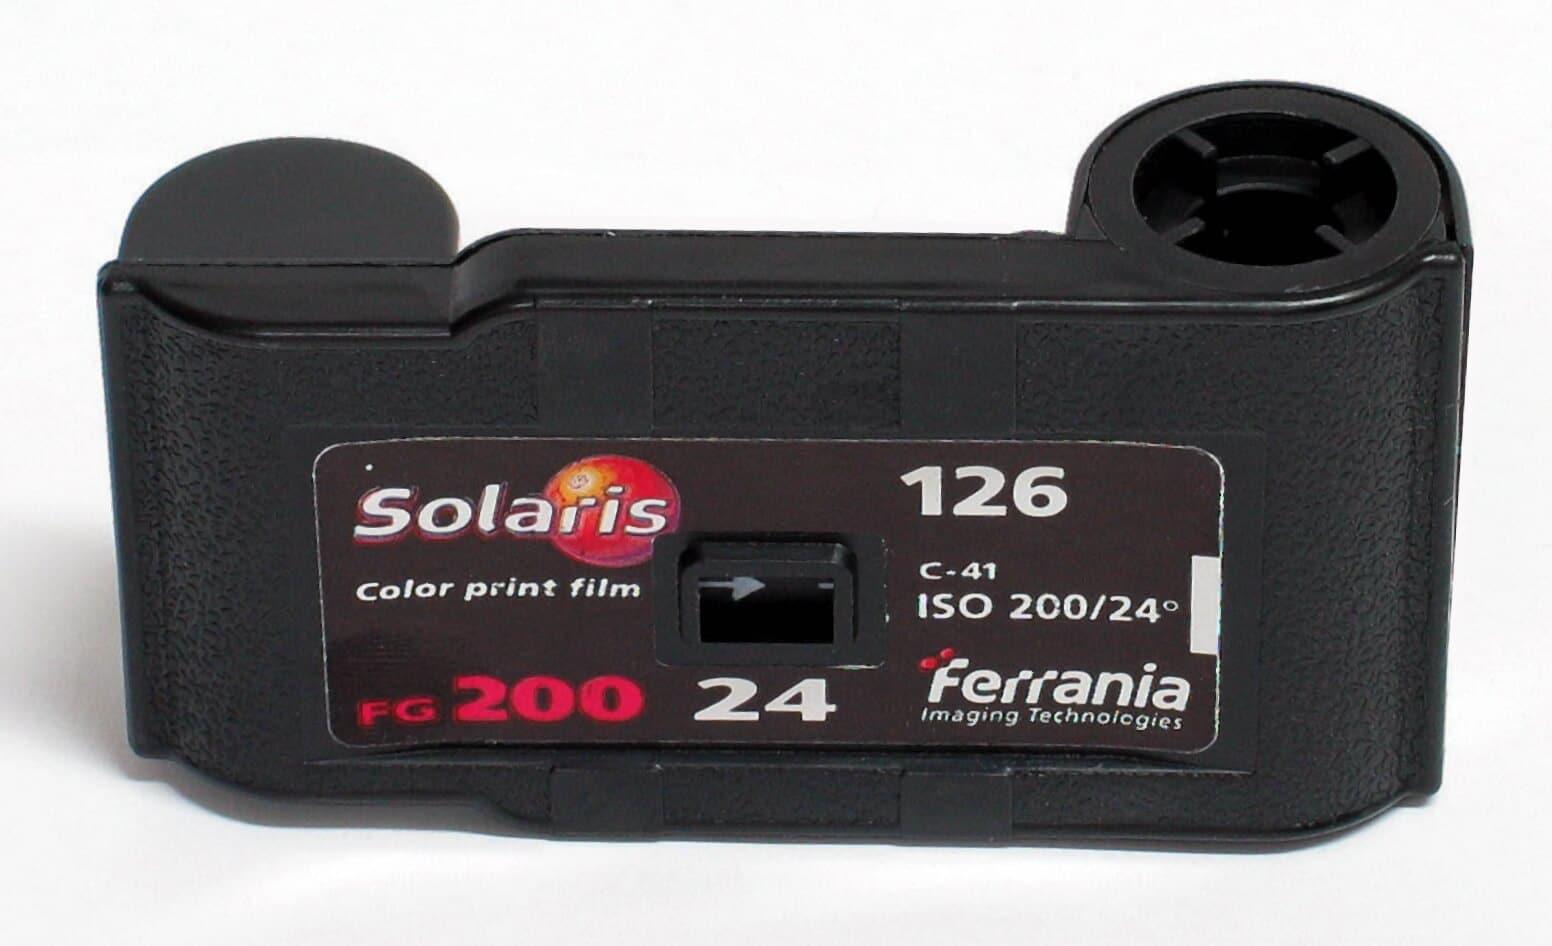 126 filmi